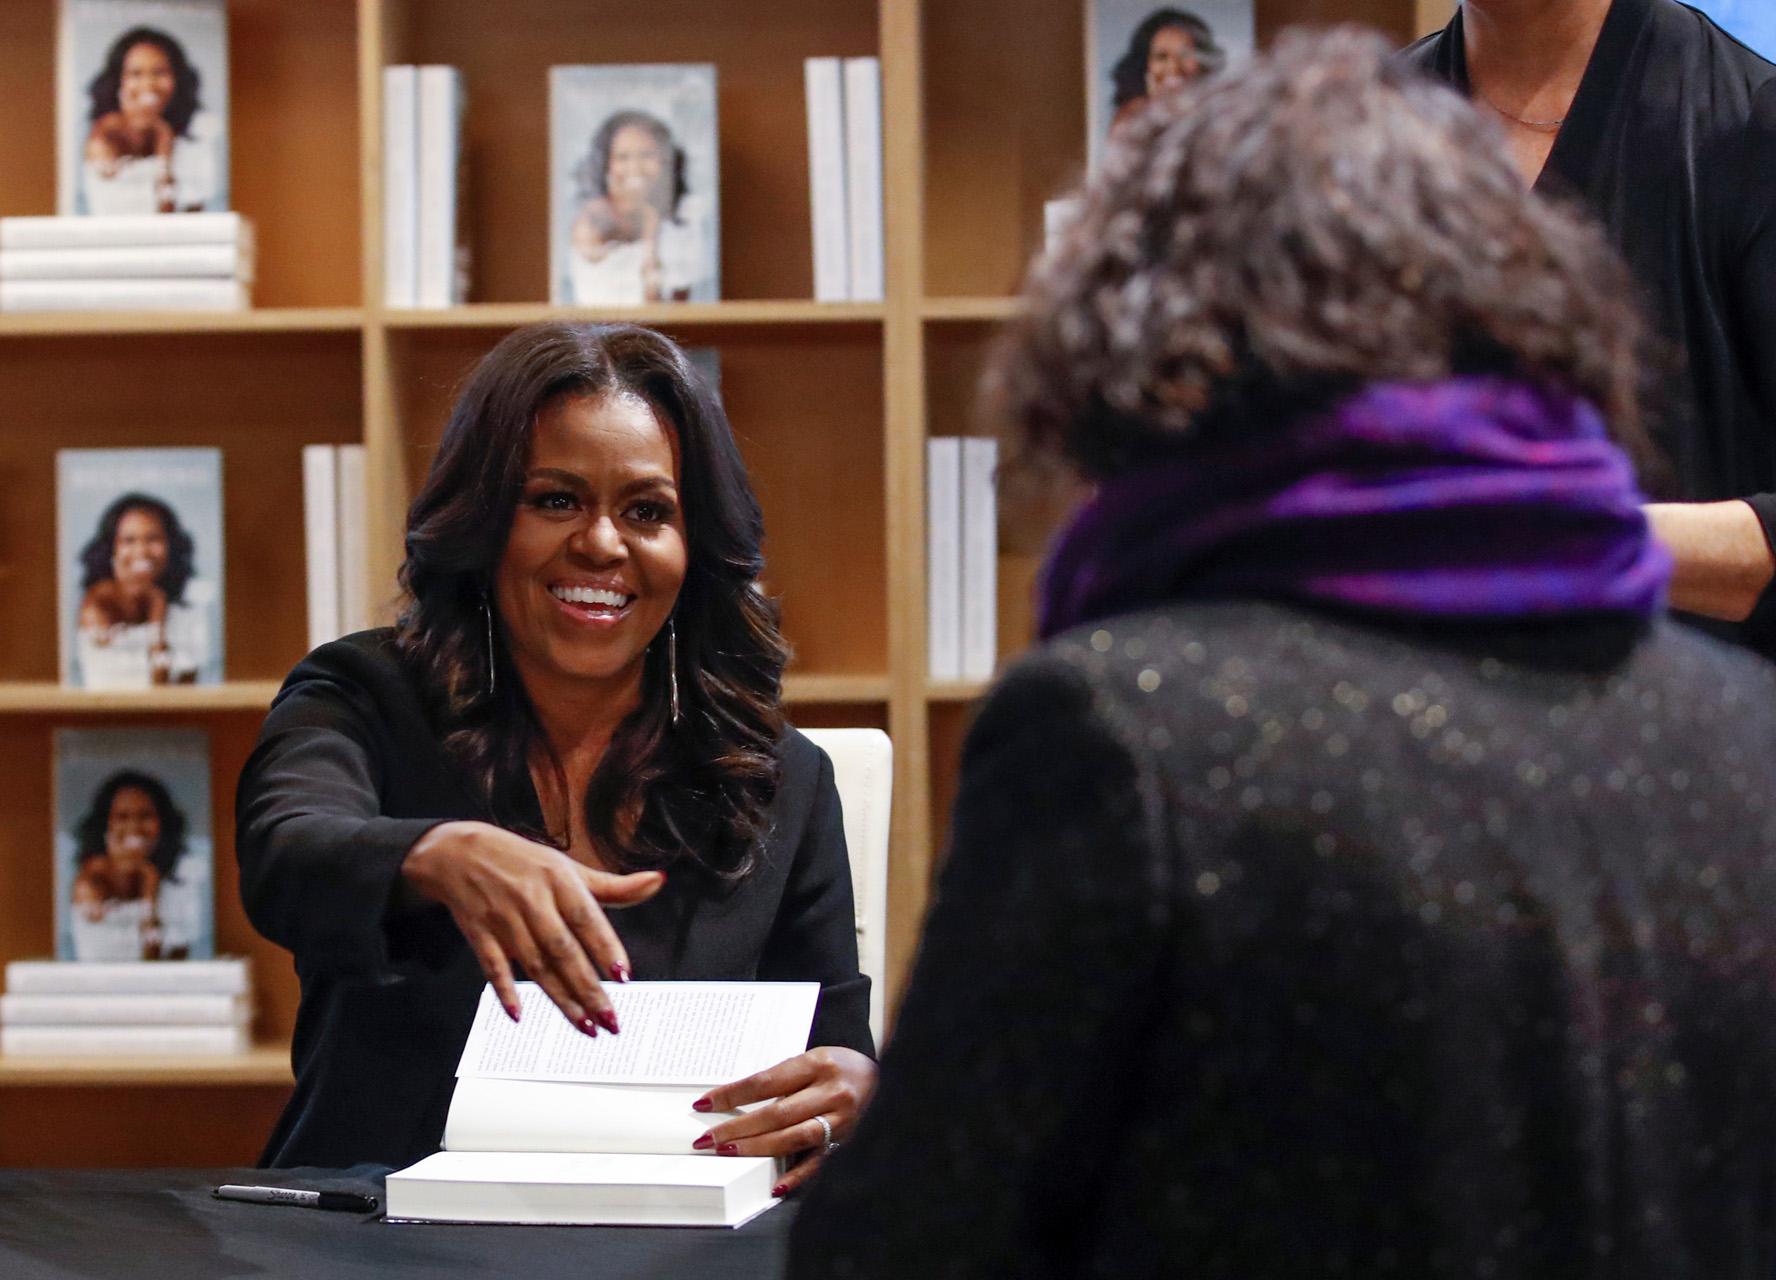 """Στην TV η Μισέλ Ομπάμα – Ντοκιμαντέρ η περιοδεία της για το βιβλίο """"Becoming"""""""